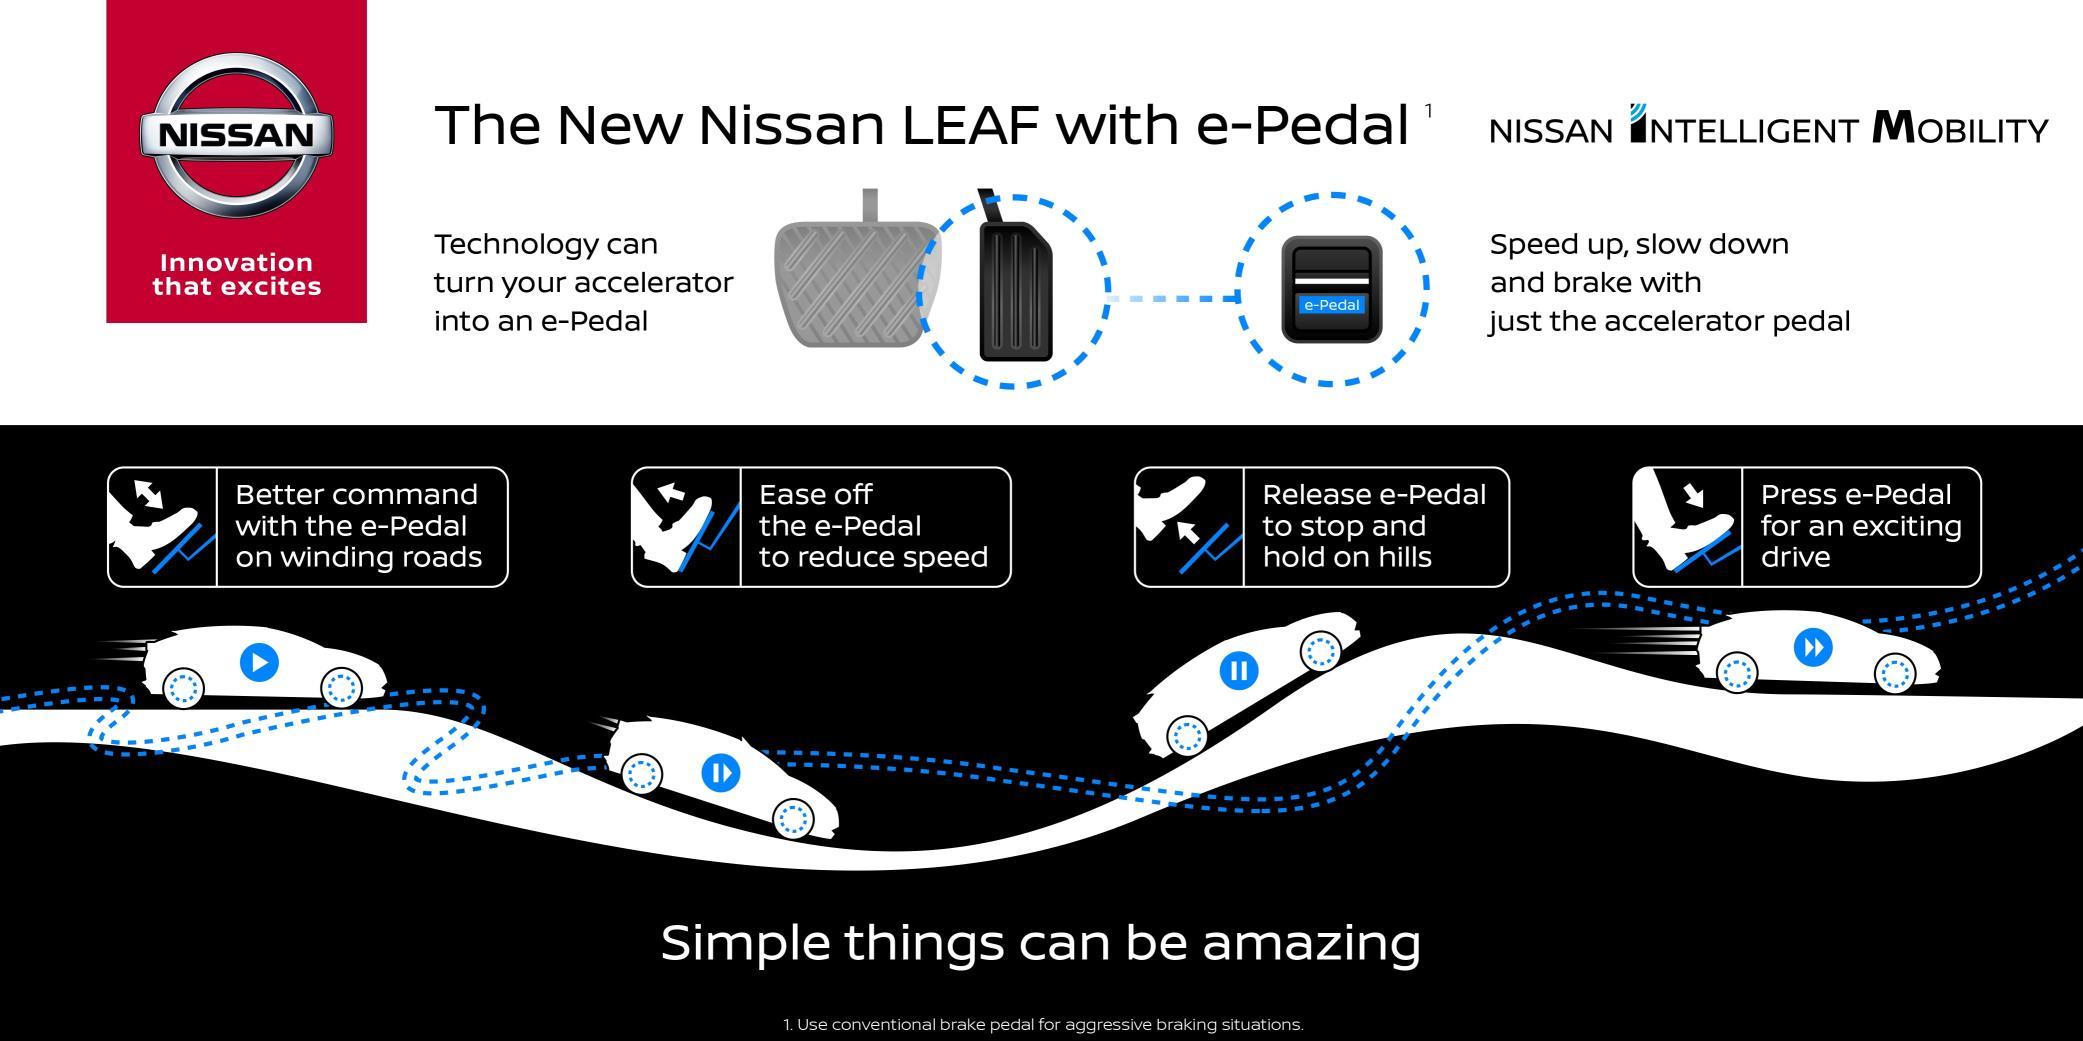 ePedal infographic LEAF Teaser Global at 2018 Nissan LEAF e Pedal Teaser